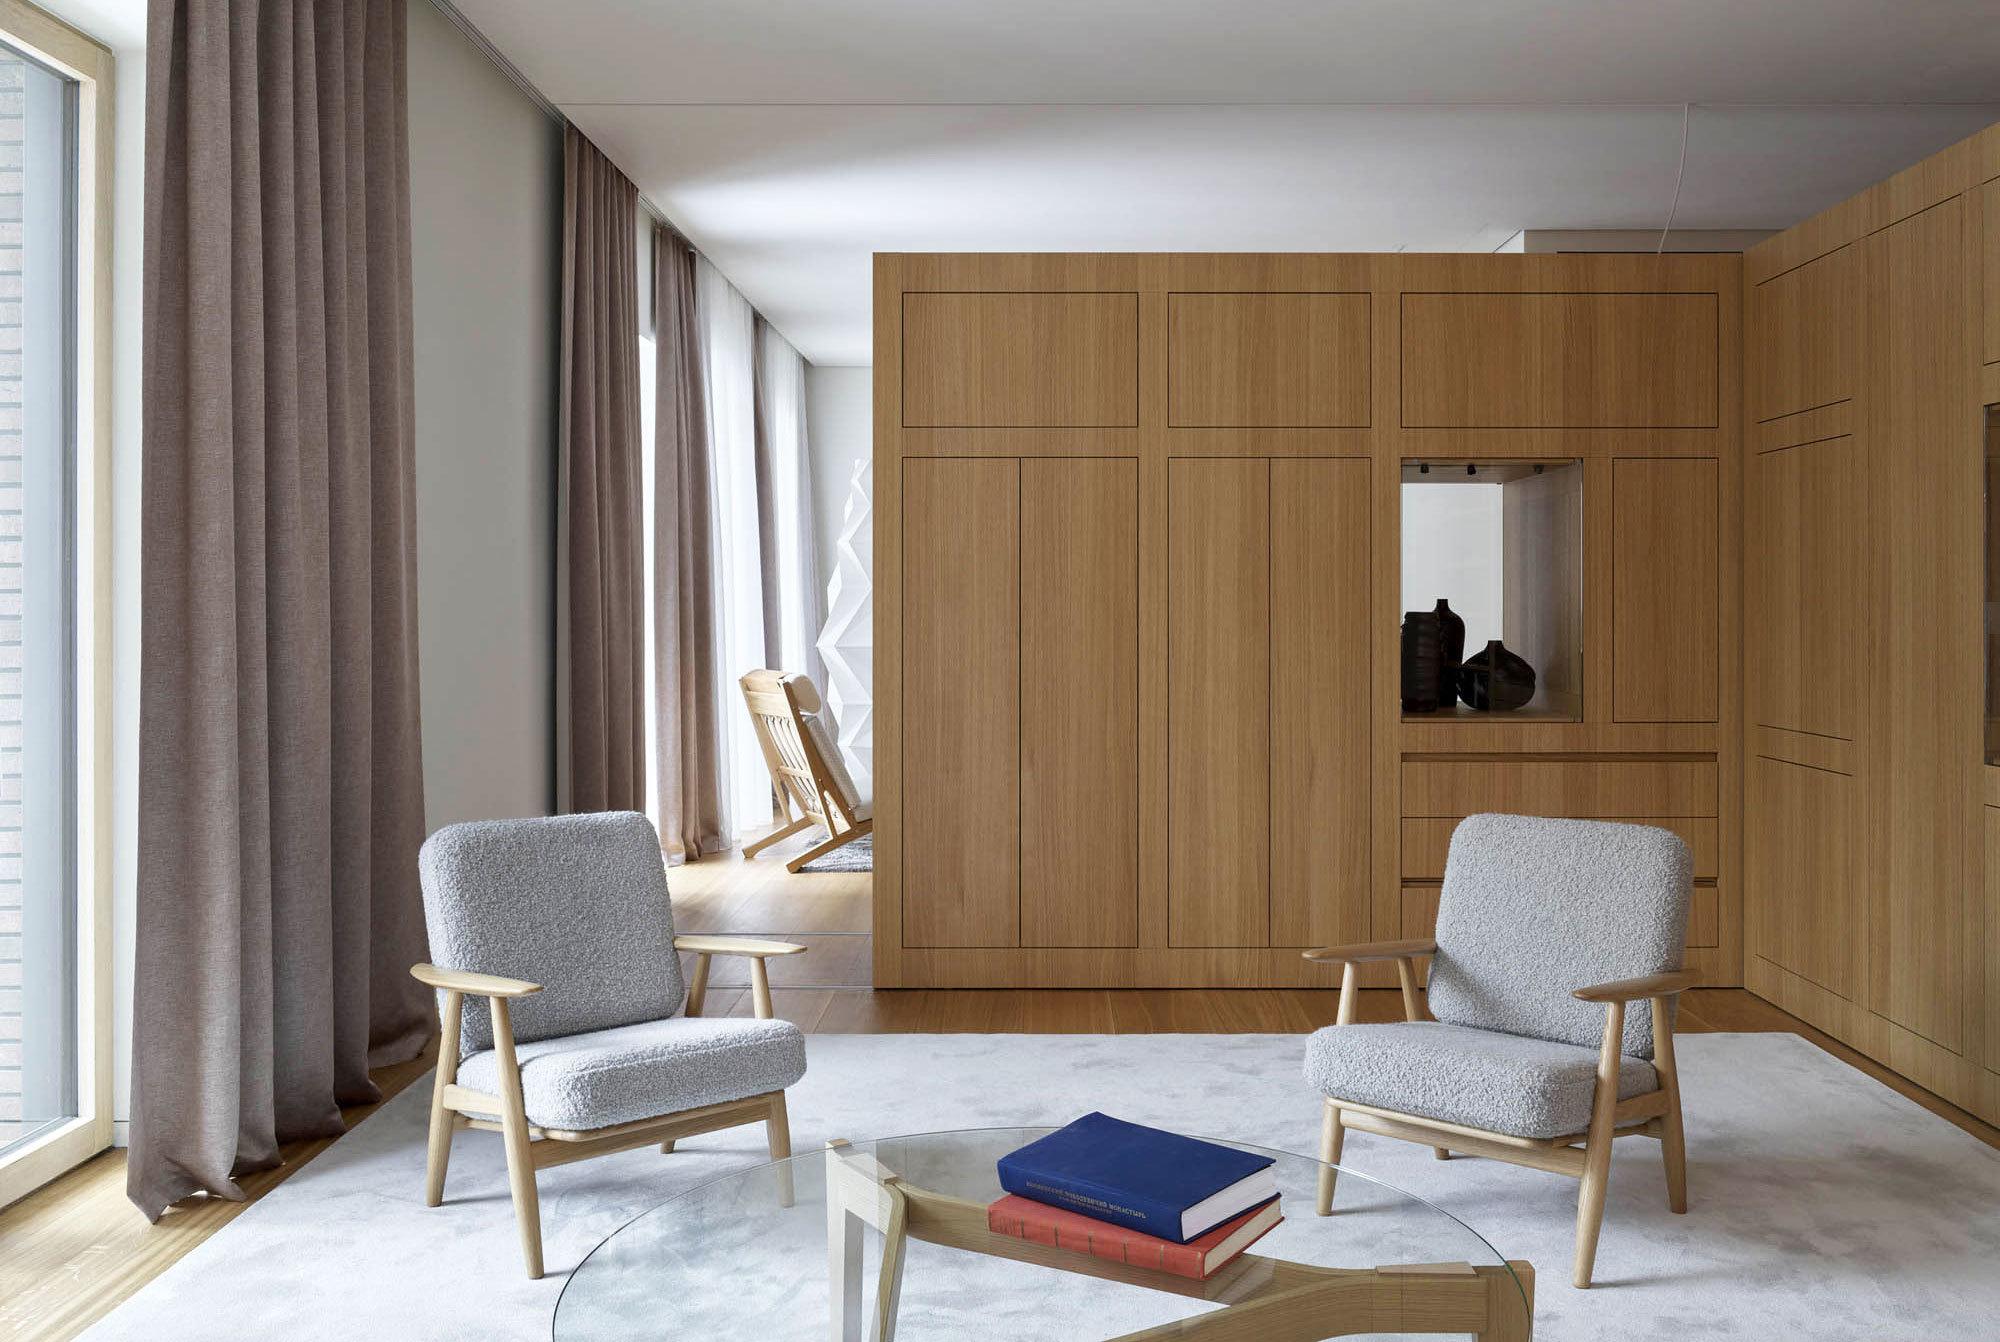 In Moskau entwickelten die Hamburger Architekten Vietzke & Borstelmann mit der Lichtplanerin Ulrike Brandi ein hochflexibles Wohnkonzept.